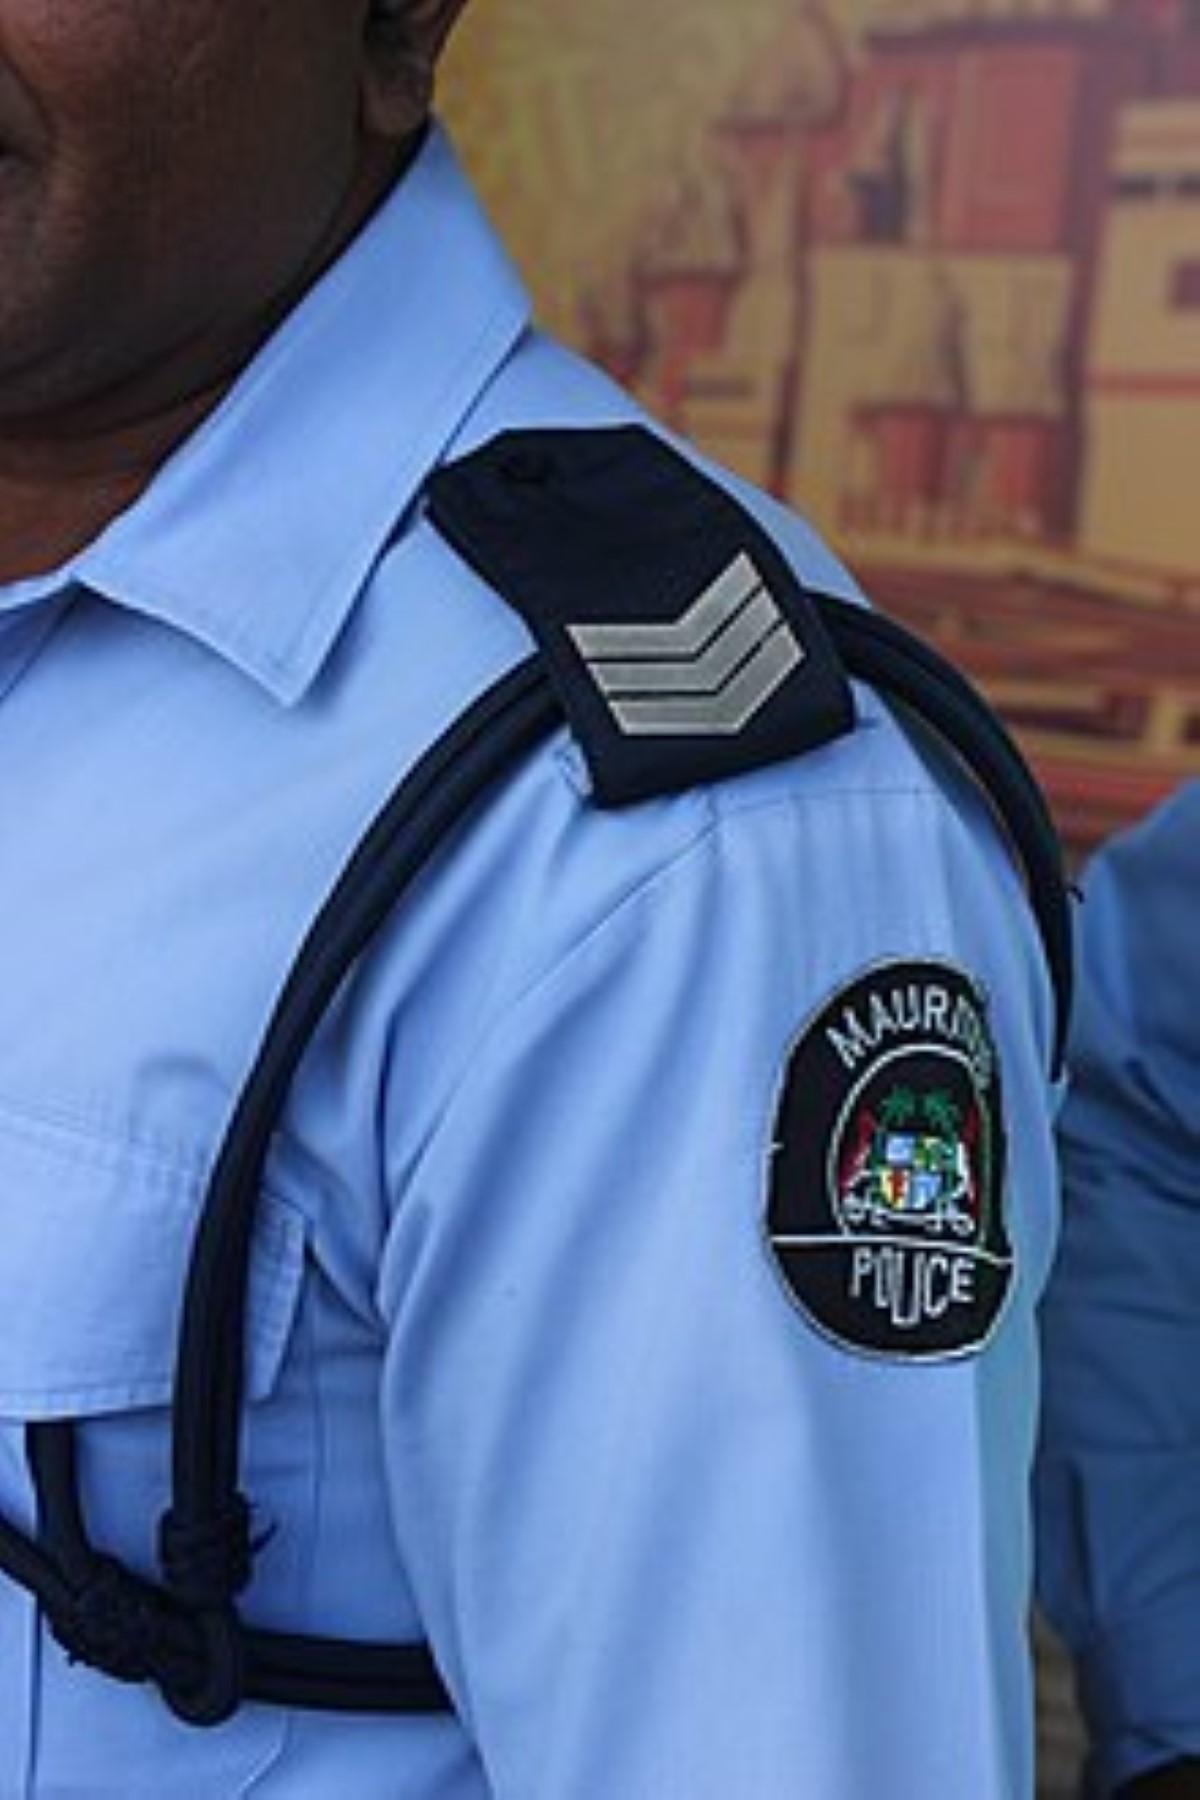 Il va en justice pour n'avoir pas été recruté pour être policier